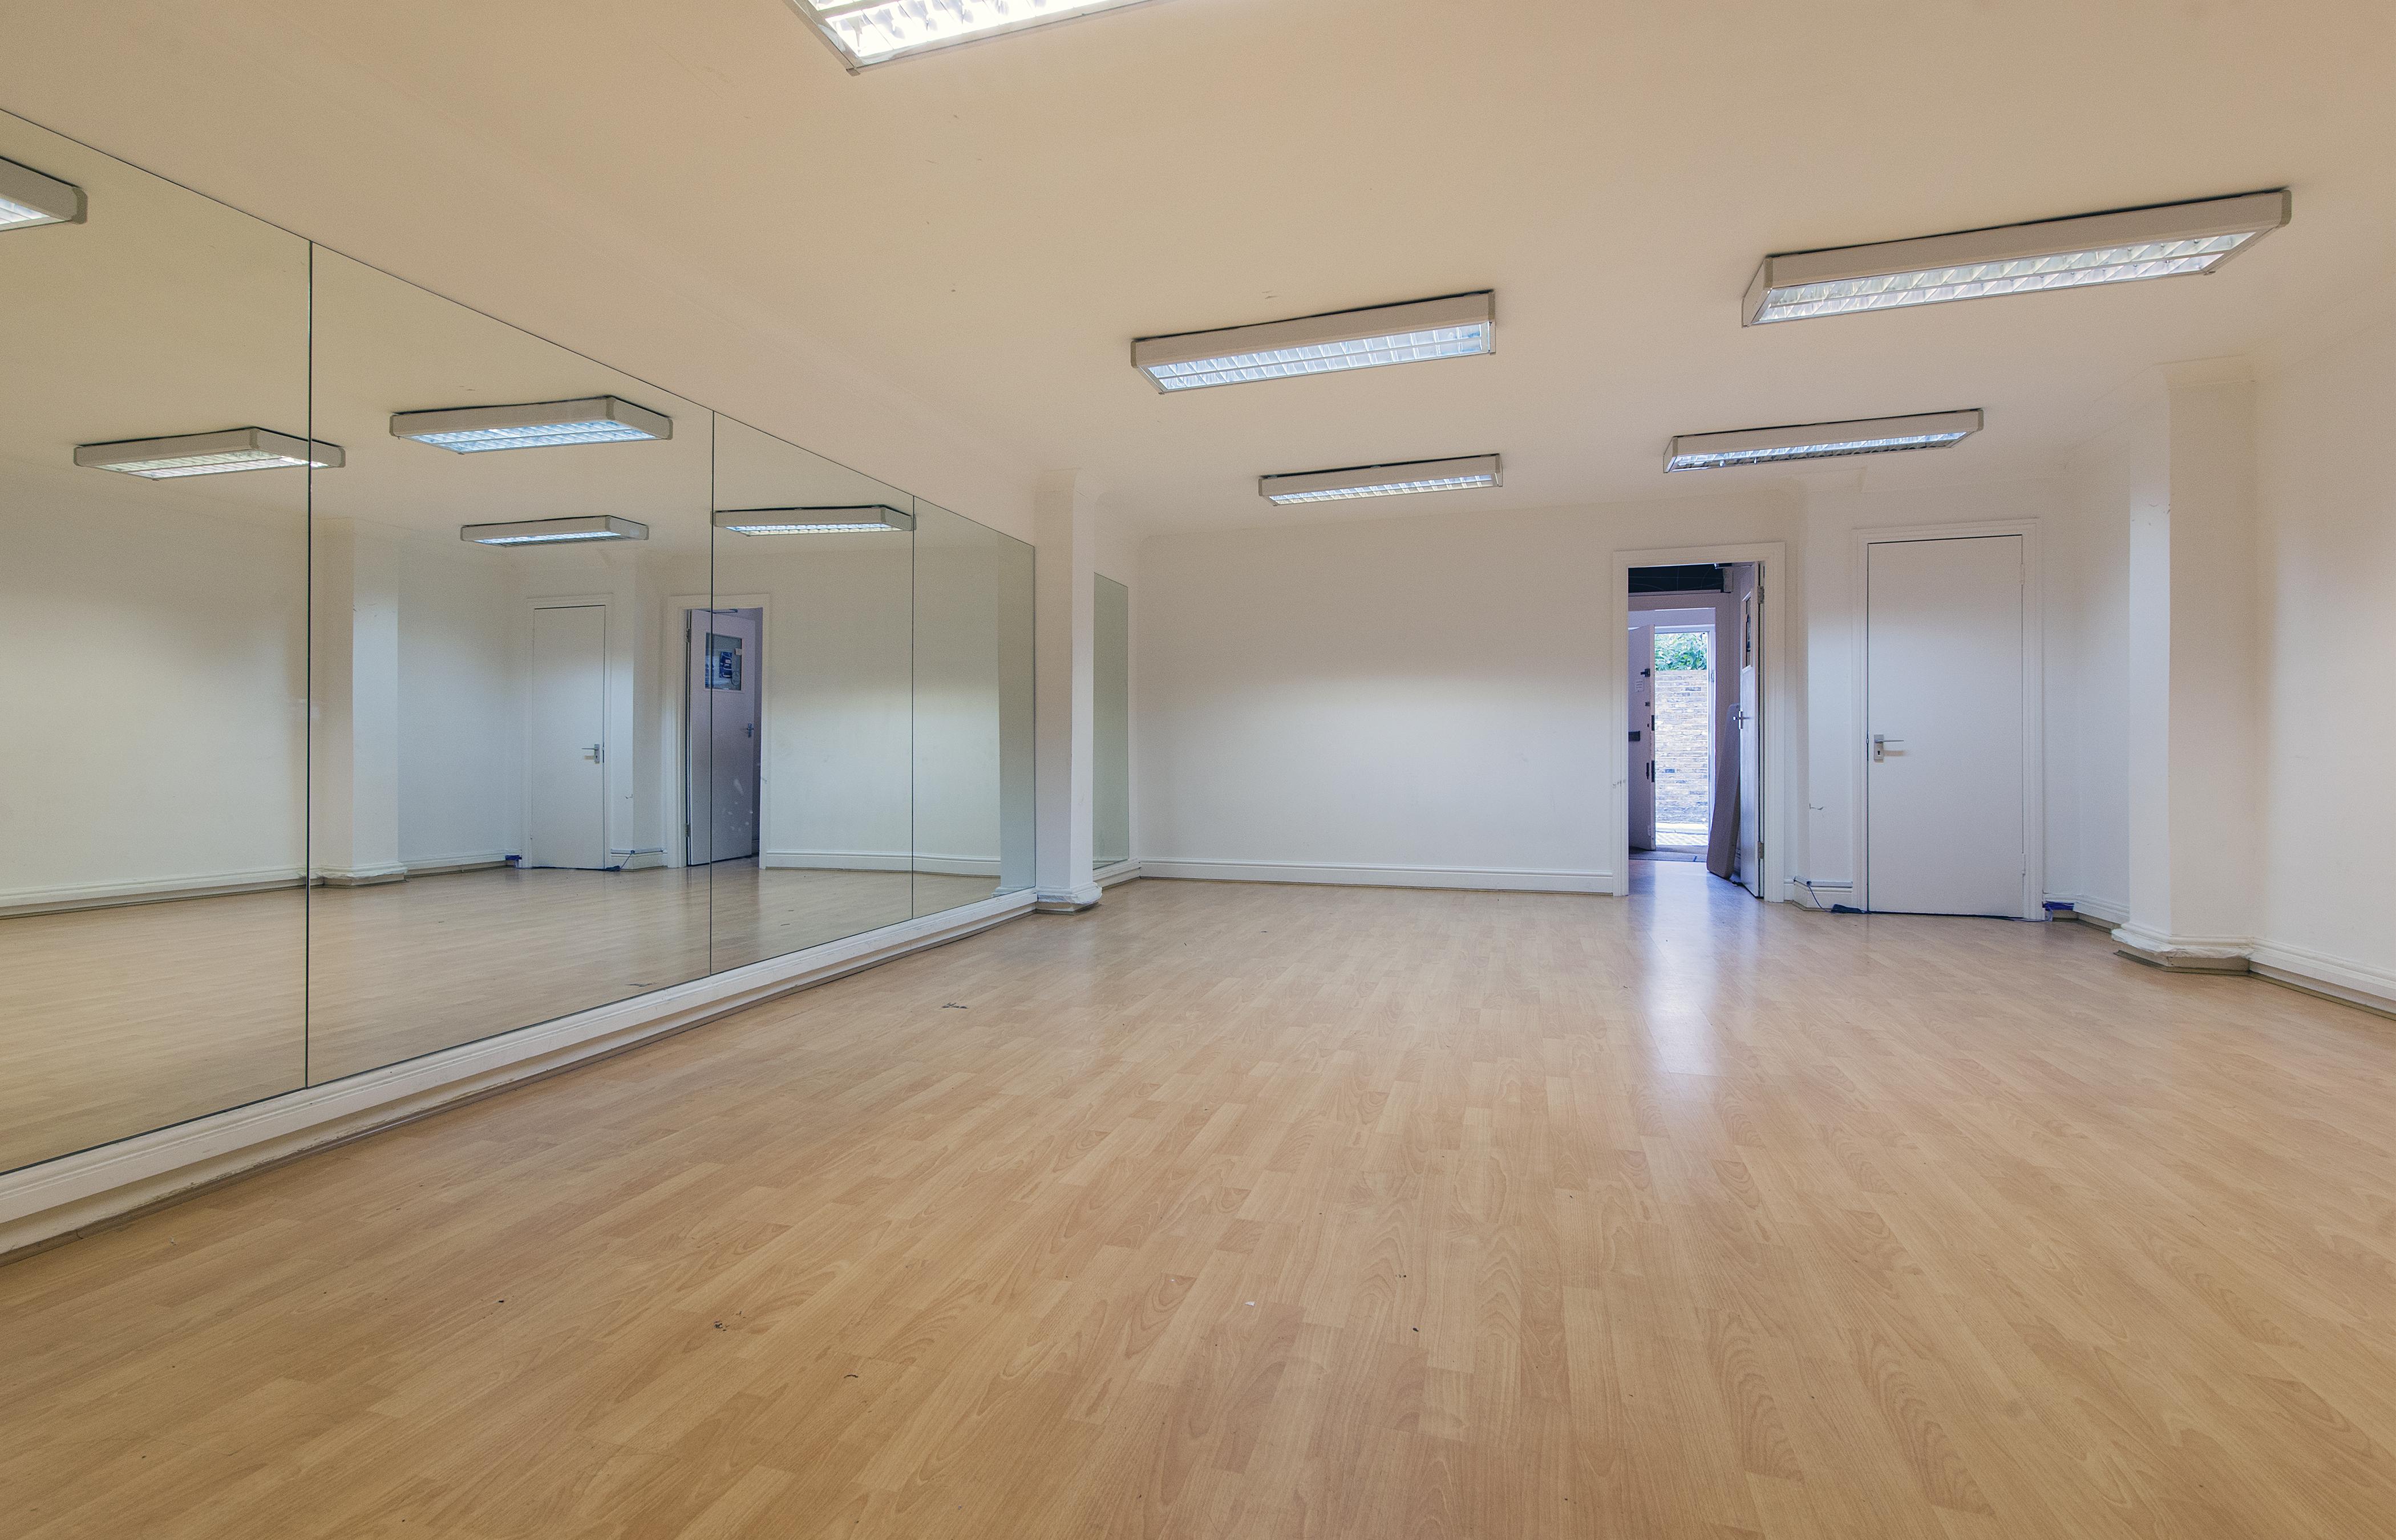 Dance Room 3, 2